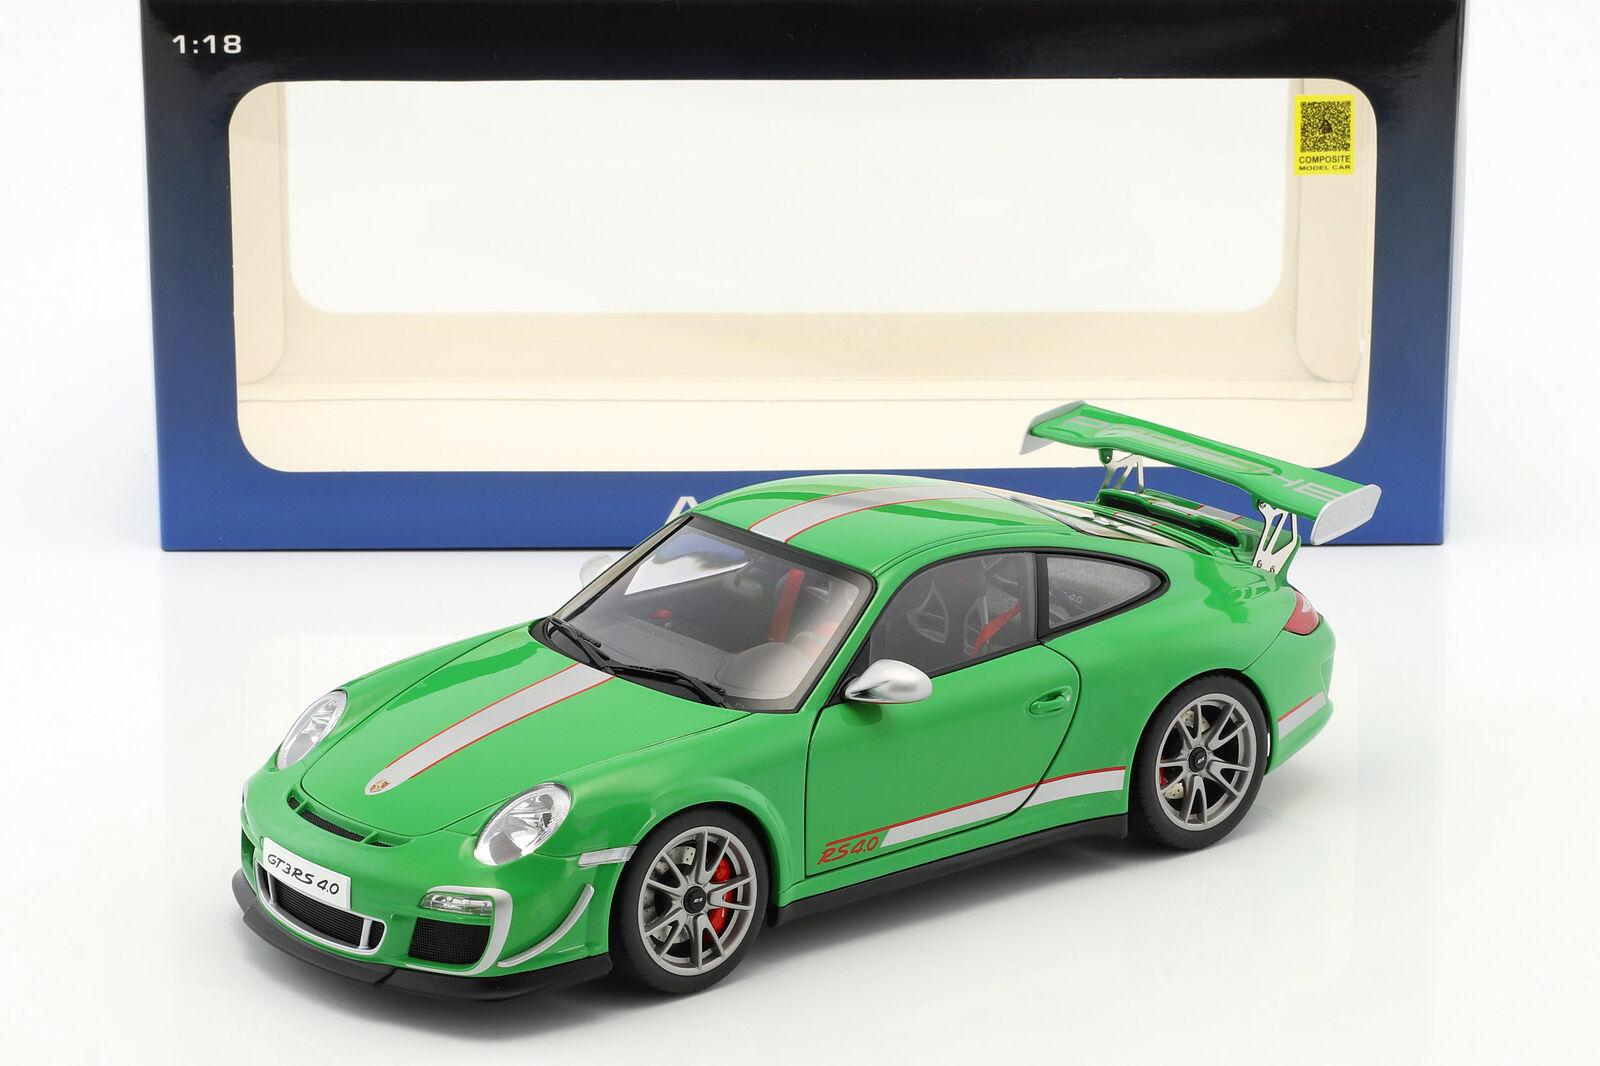 Porsche 911 (997) GT3 Rs 4.0 Anno 2011 verde 1 18 autoart